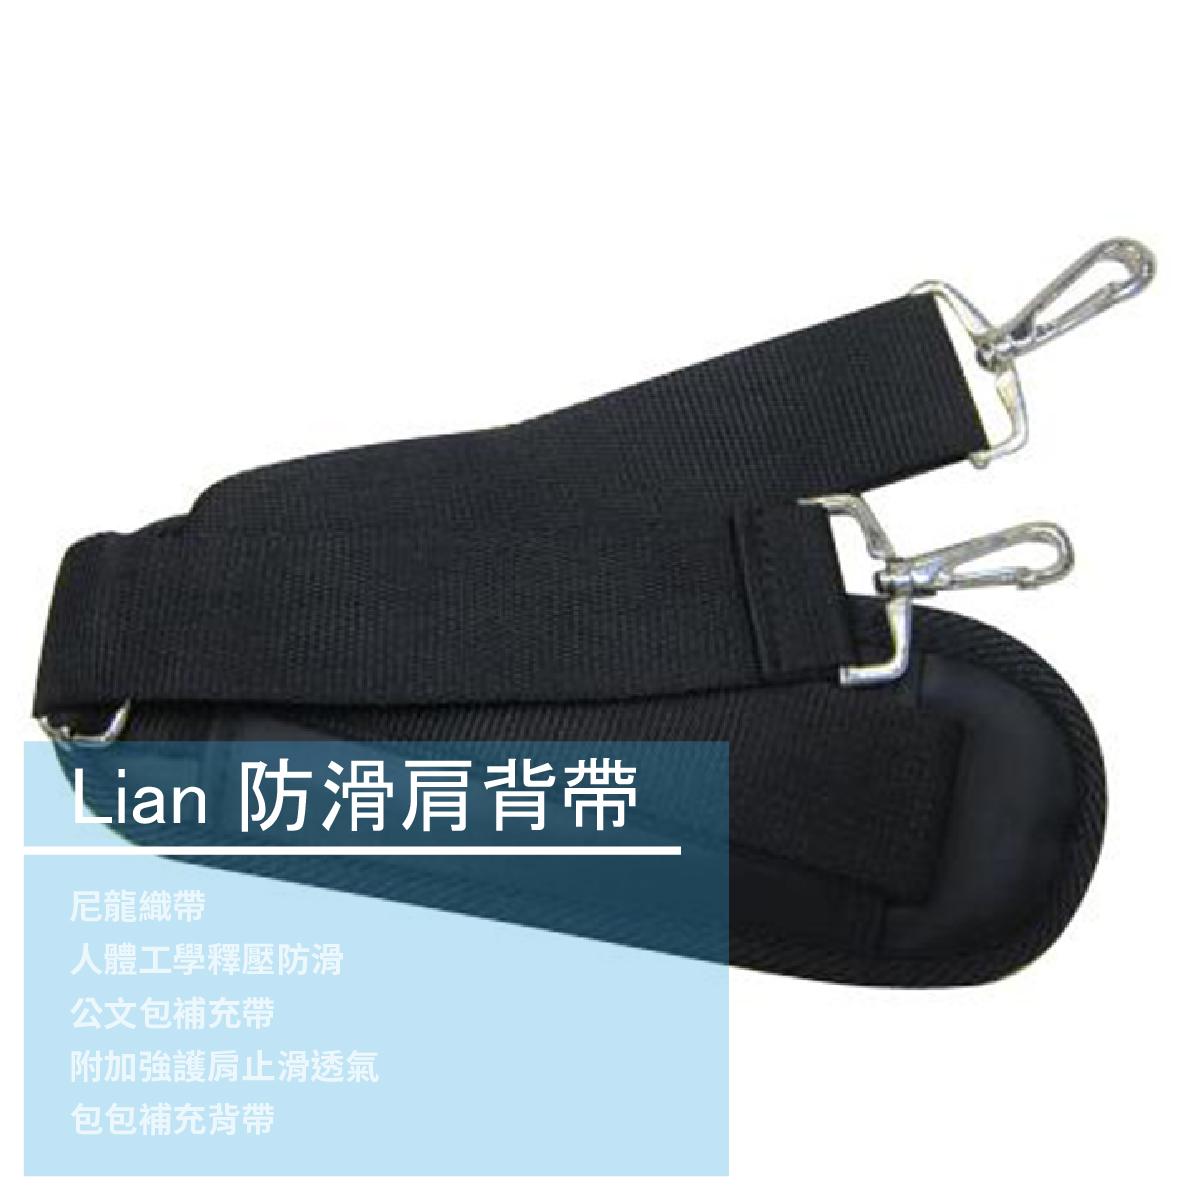 【雪黛屋精品皮件】Lian  防水尼龍 公事包 防滑肩背帶